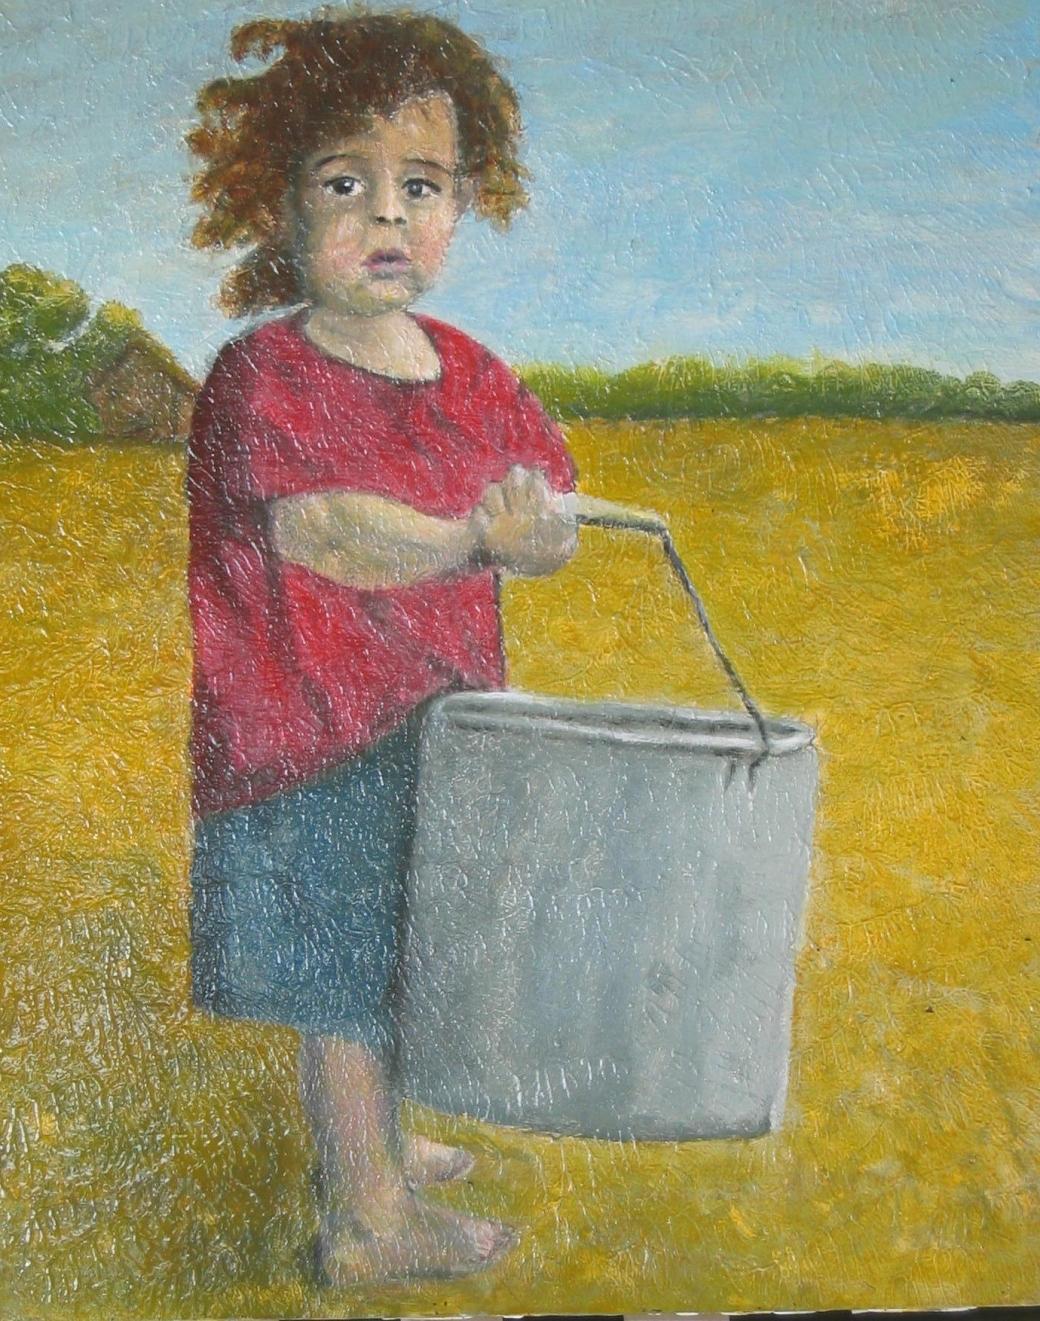 jonica-with-bucket-2